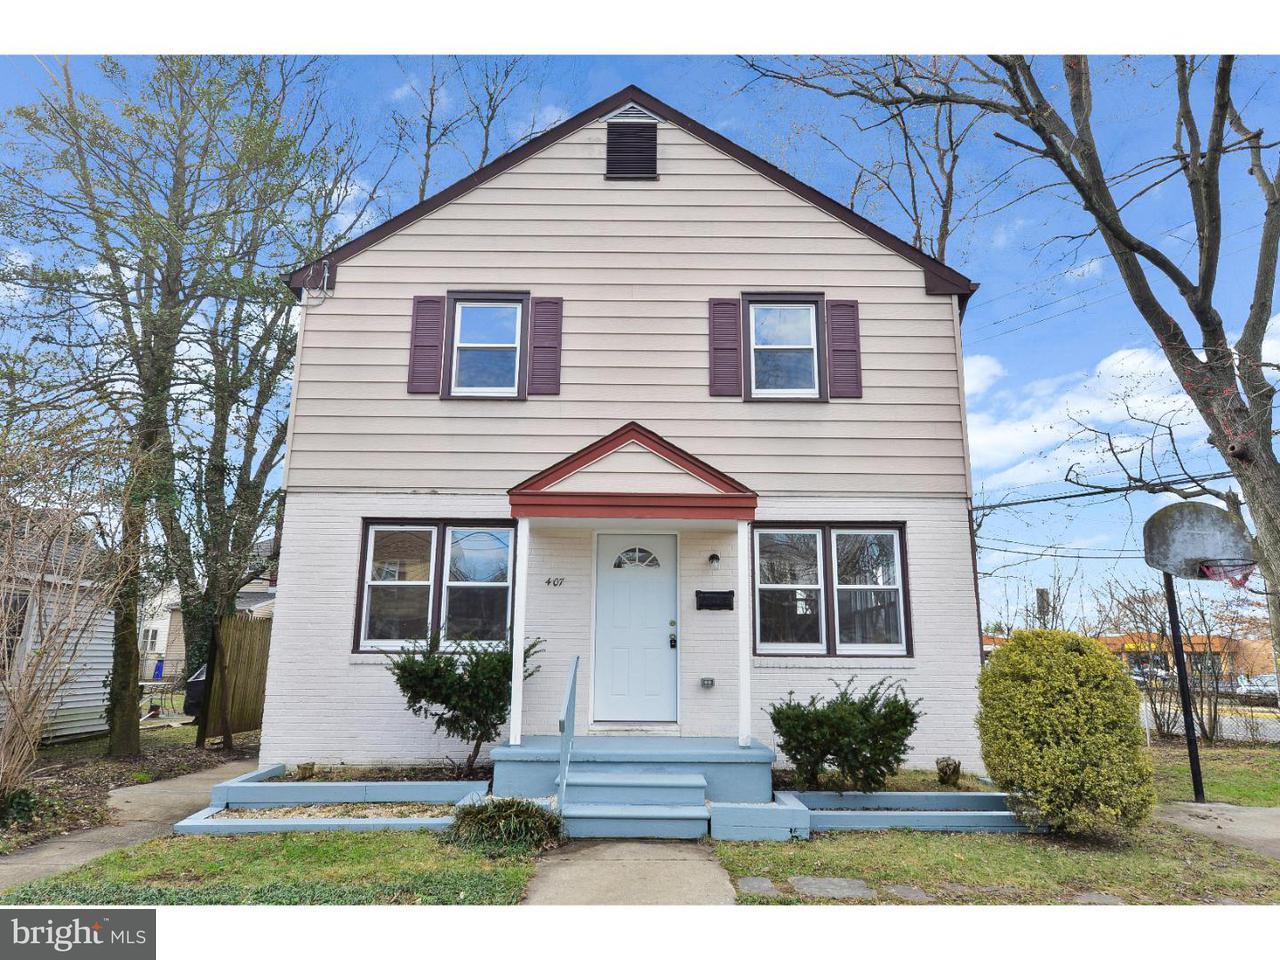 独户住宅 为 销售 在 407 E PENN BLVD Woodbury, 新泽西州 08096 美国